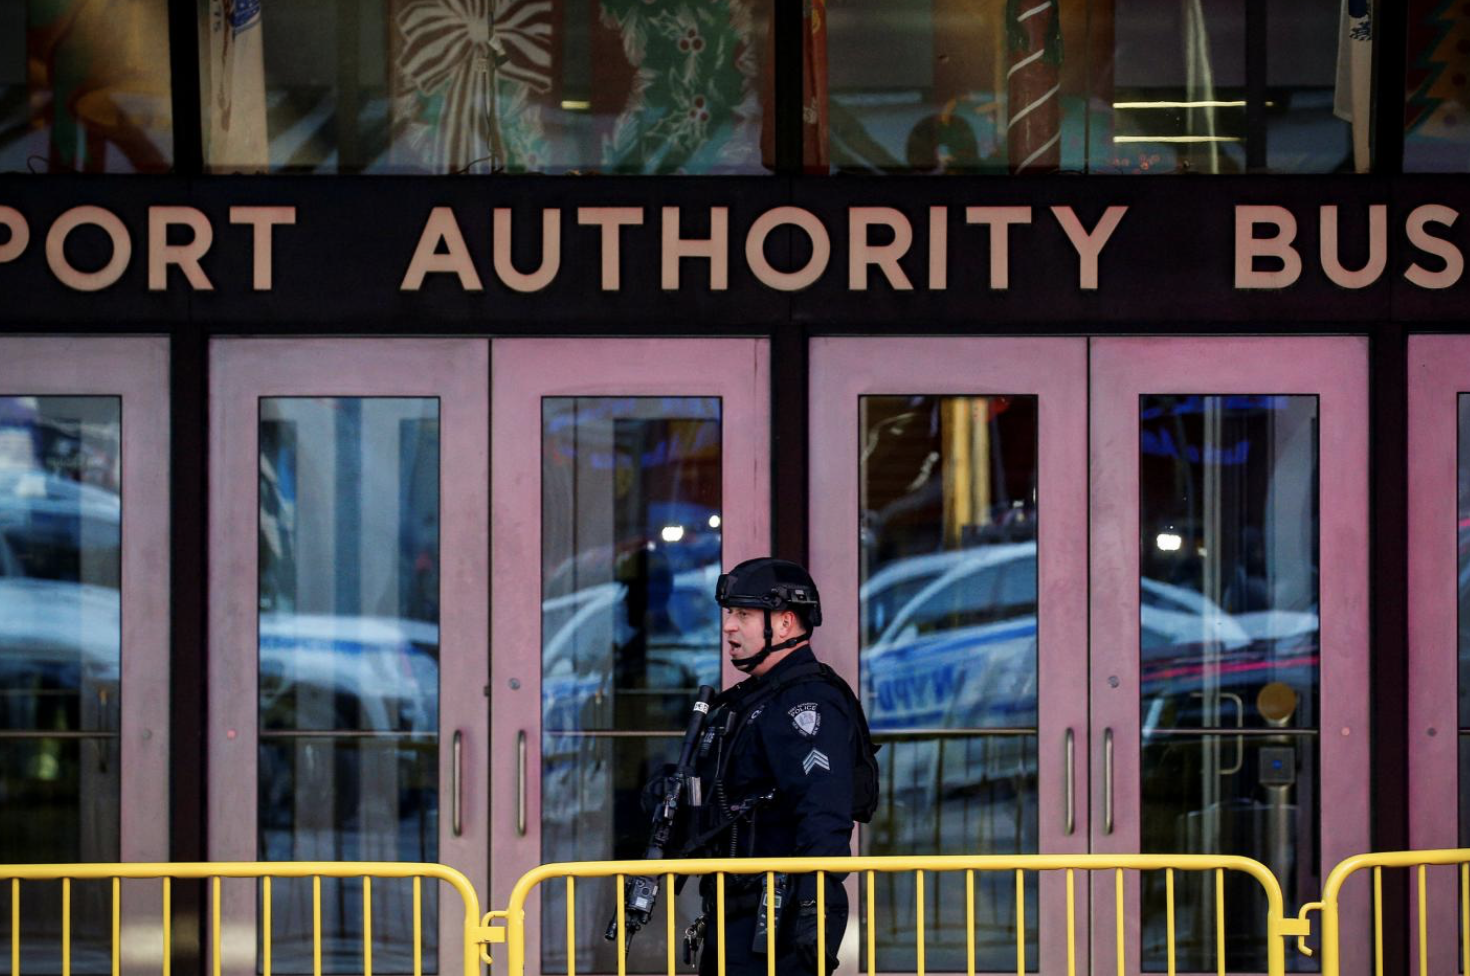 Tổng thống Trump kêu gọi chính sách di dân nghiêm ngặt hơn sau khi New York bị đánh bom